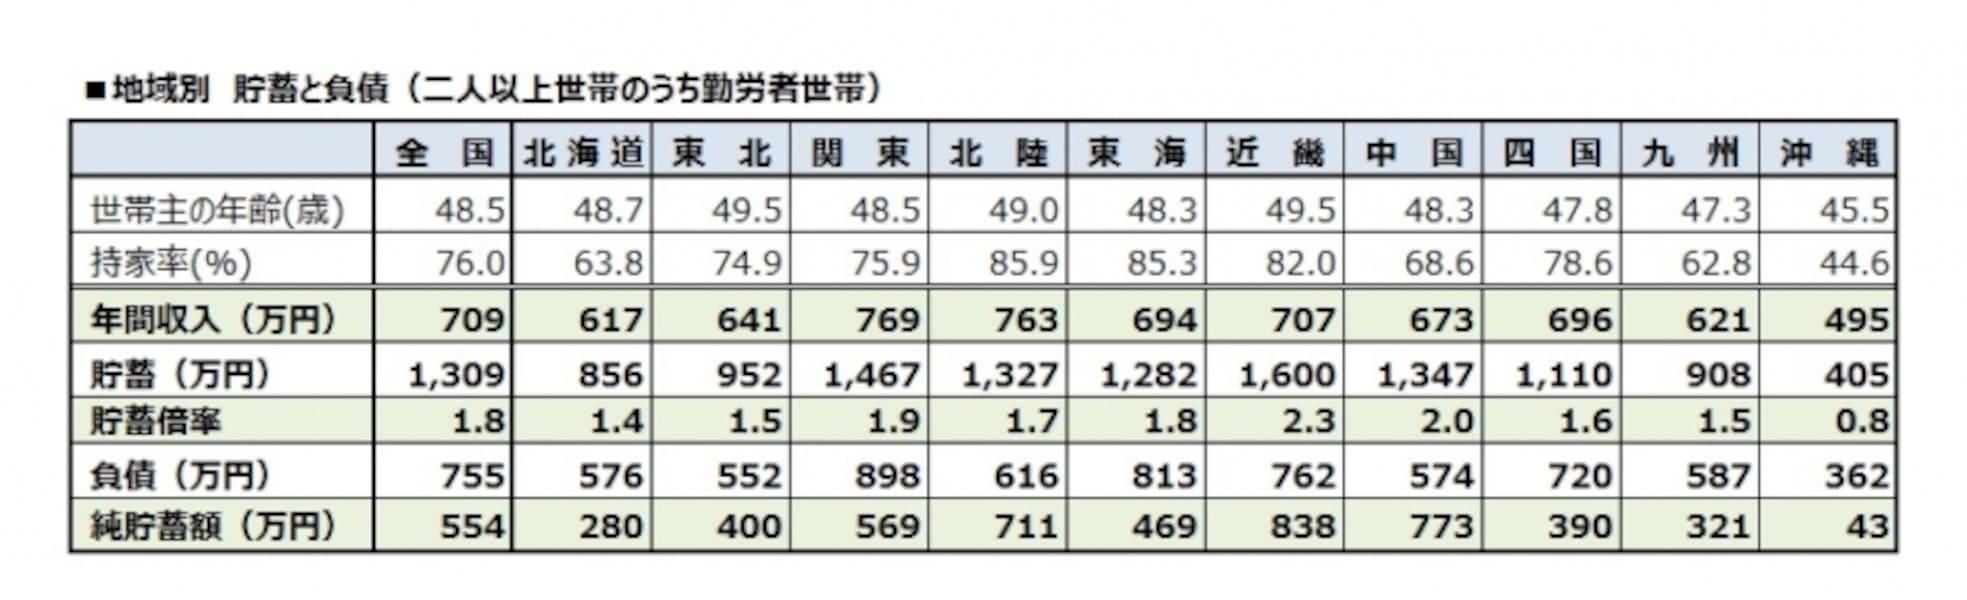 【都内総生産】東京都、今年は1.1%のマイナス成長…3年連続のマイナス、消費の動き鈍く★2 [無断転載禁止]©2ch.net YouTube動画>25本 ->画像>240枚